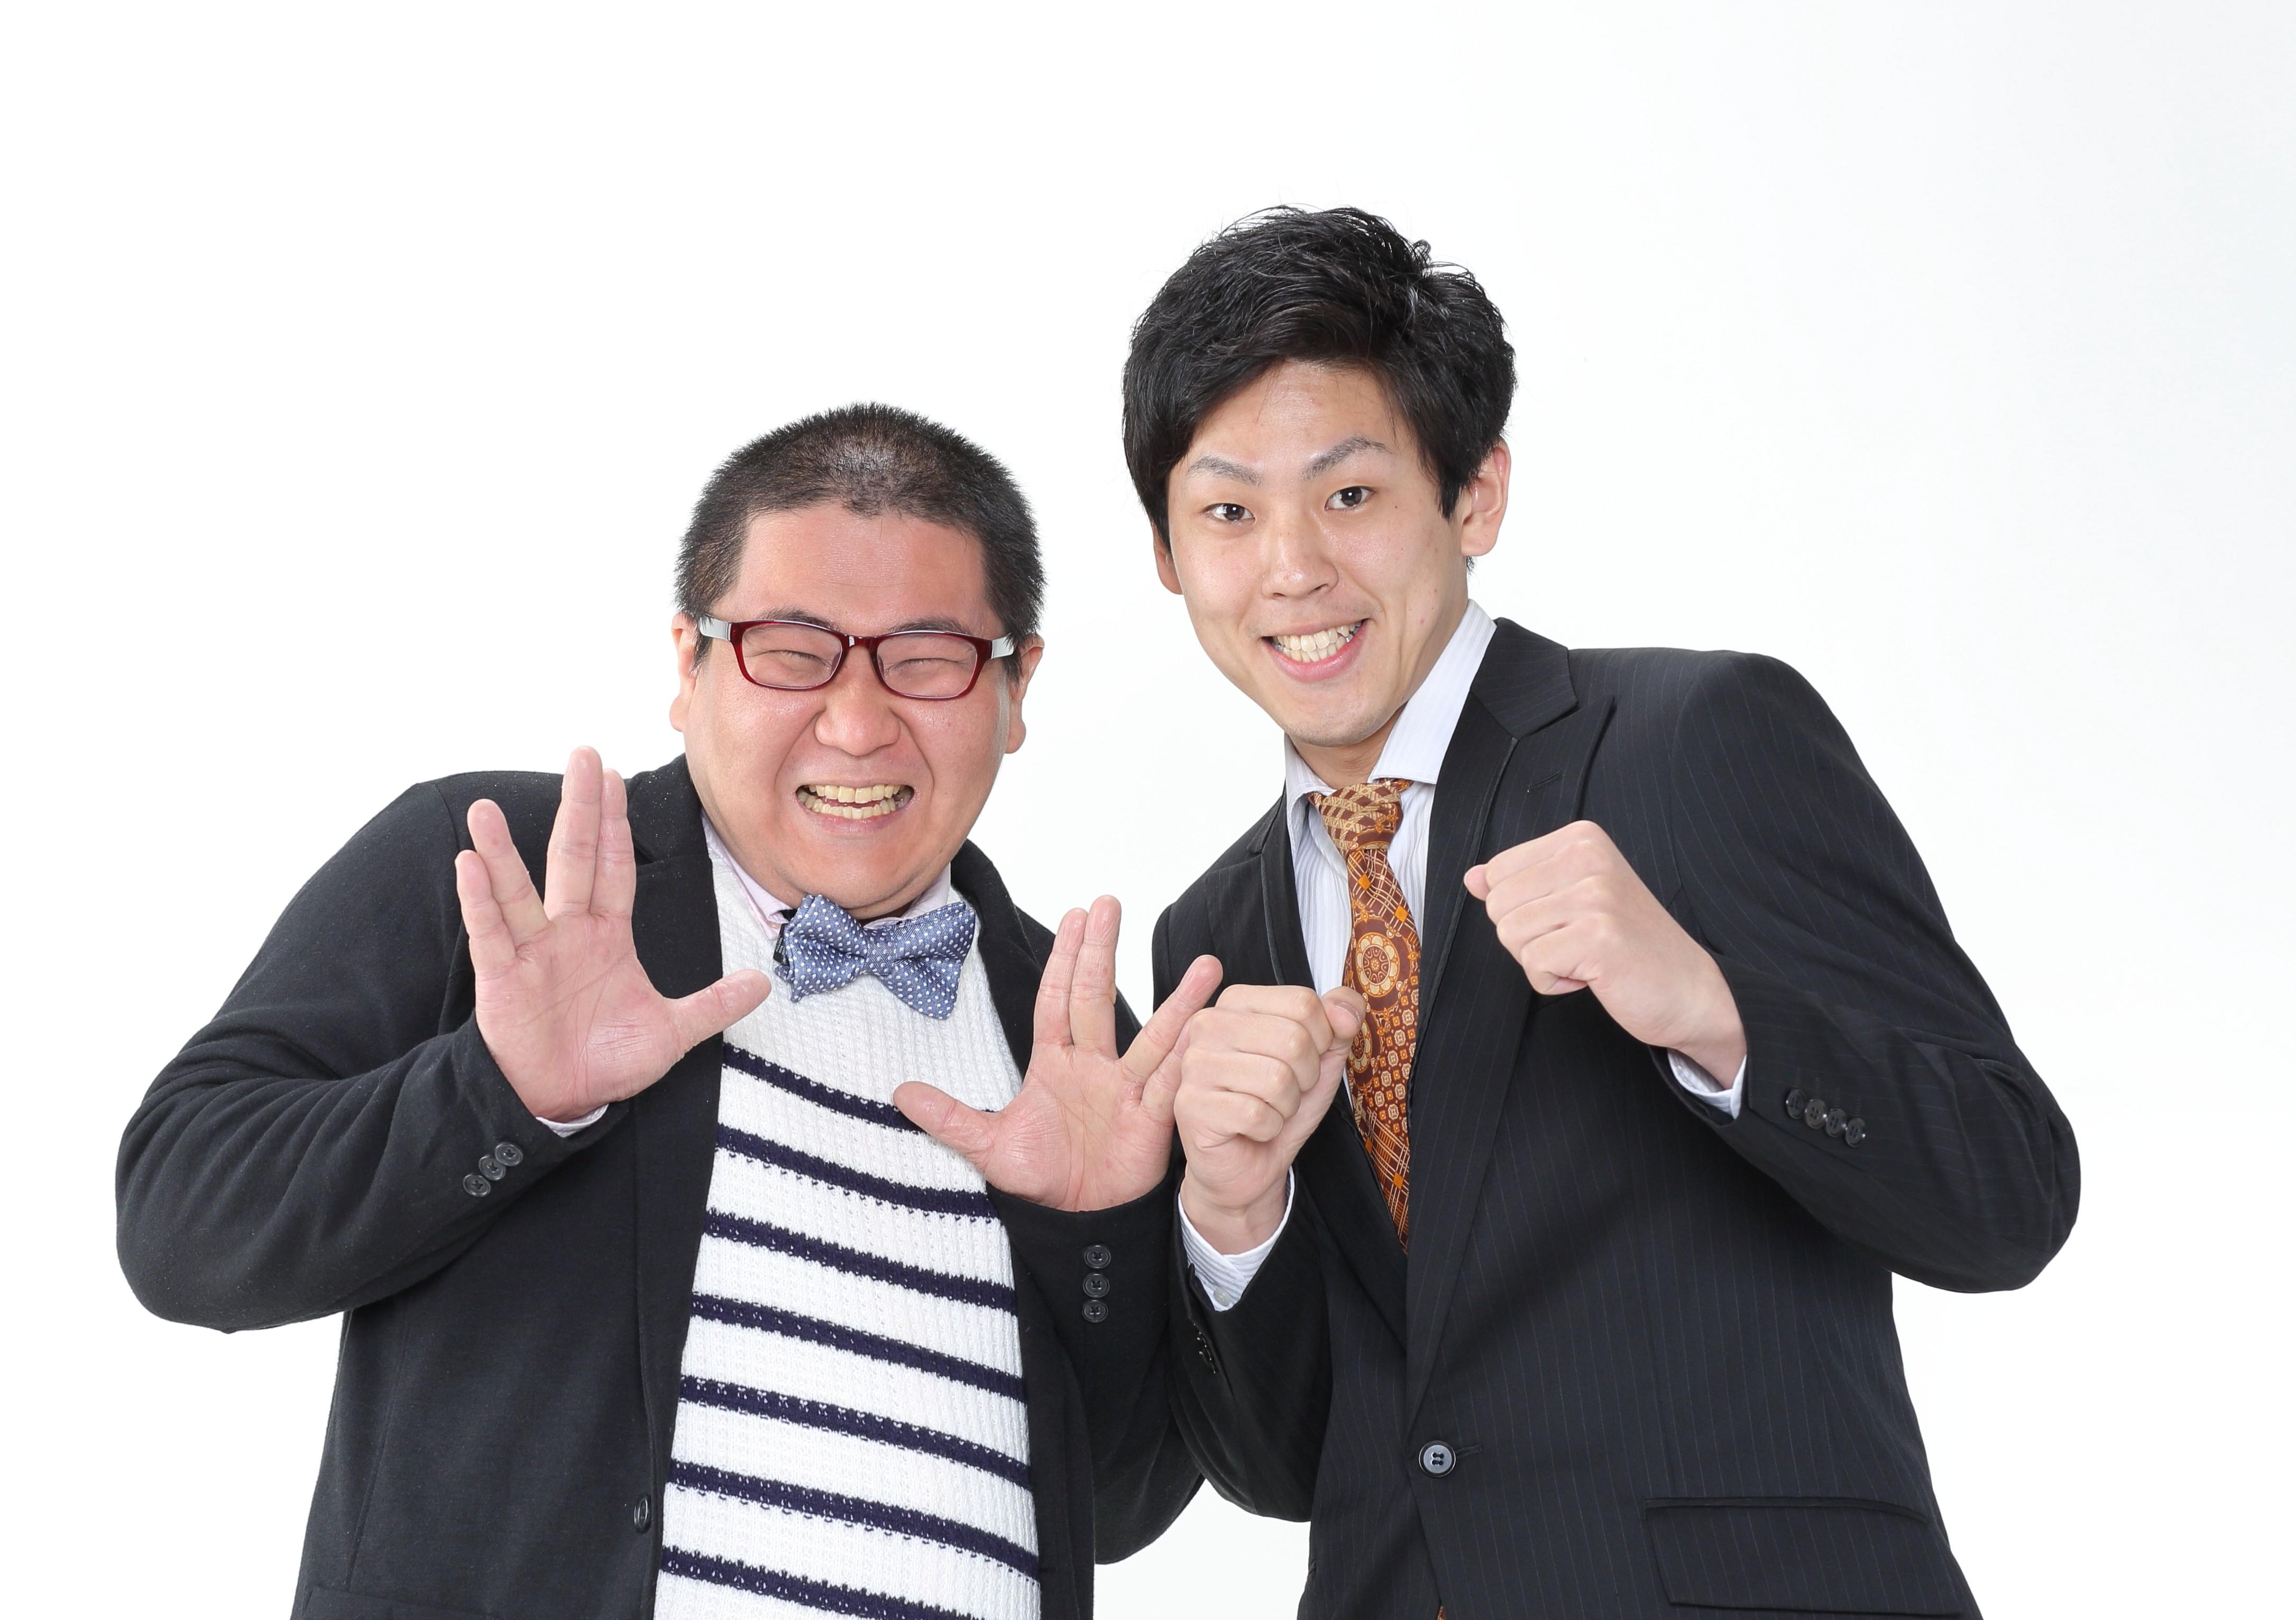 39【愛媛県】ひめころん<2代目>.JPG